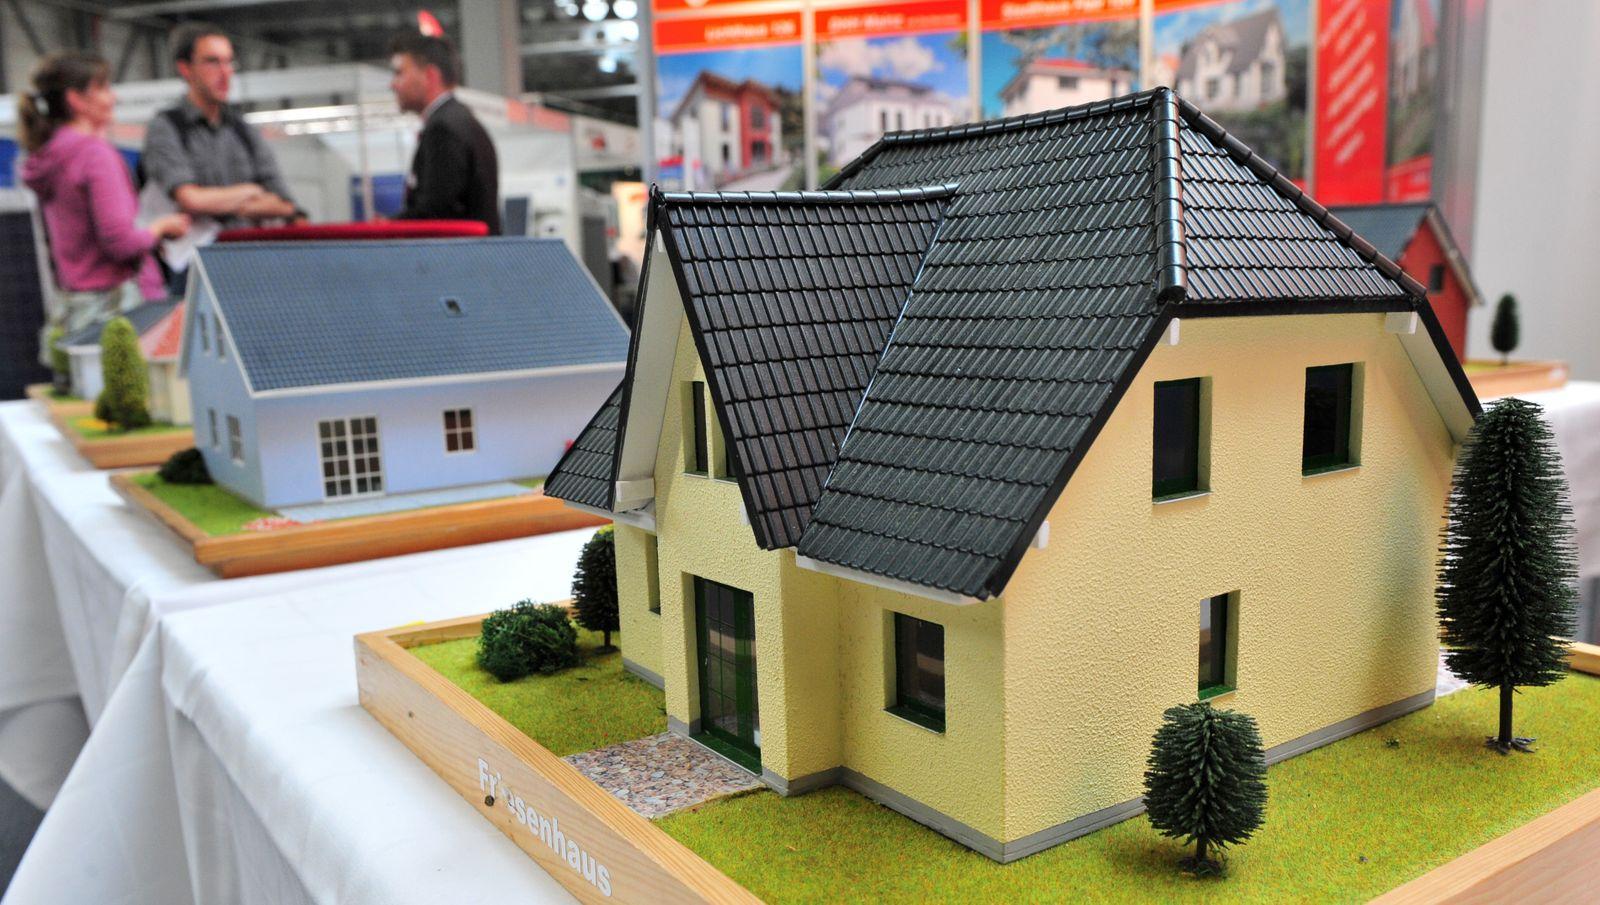 Immobilienkauf wird teurer / Hauskauf